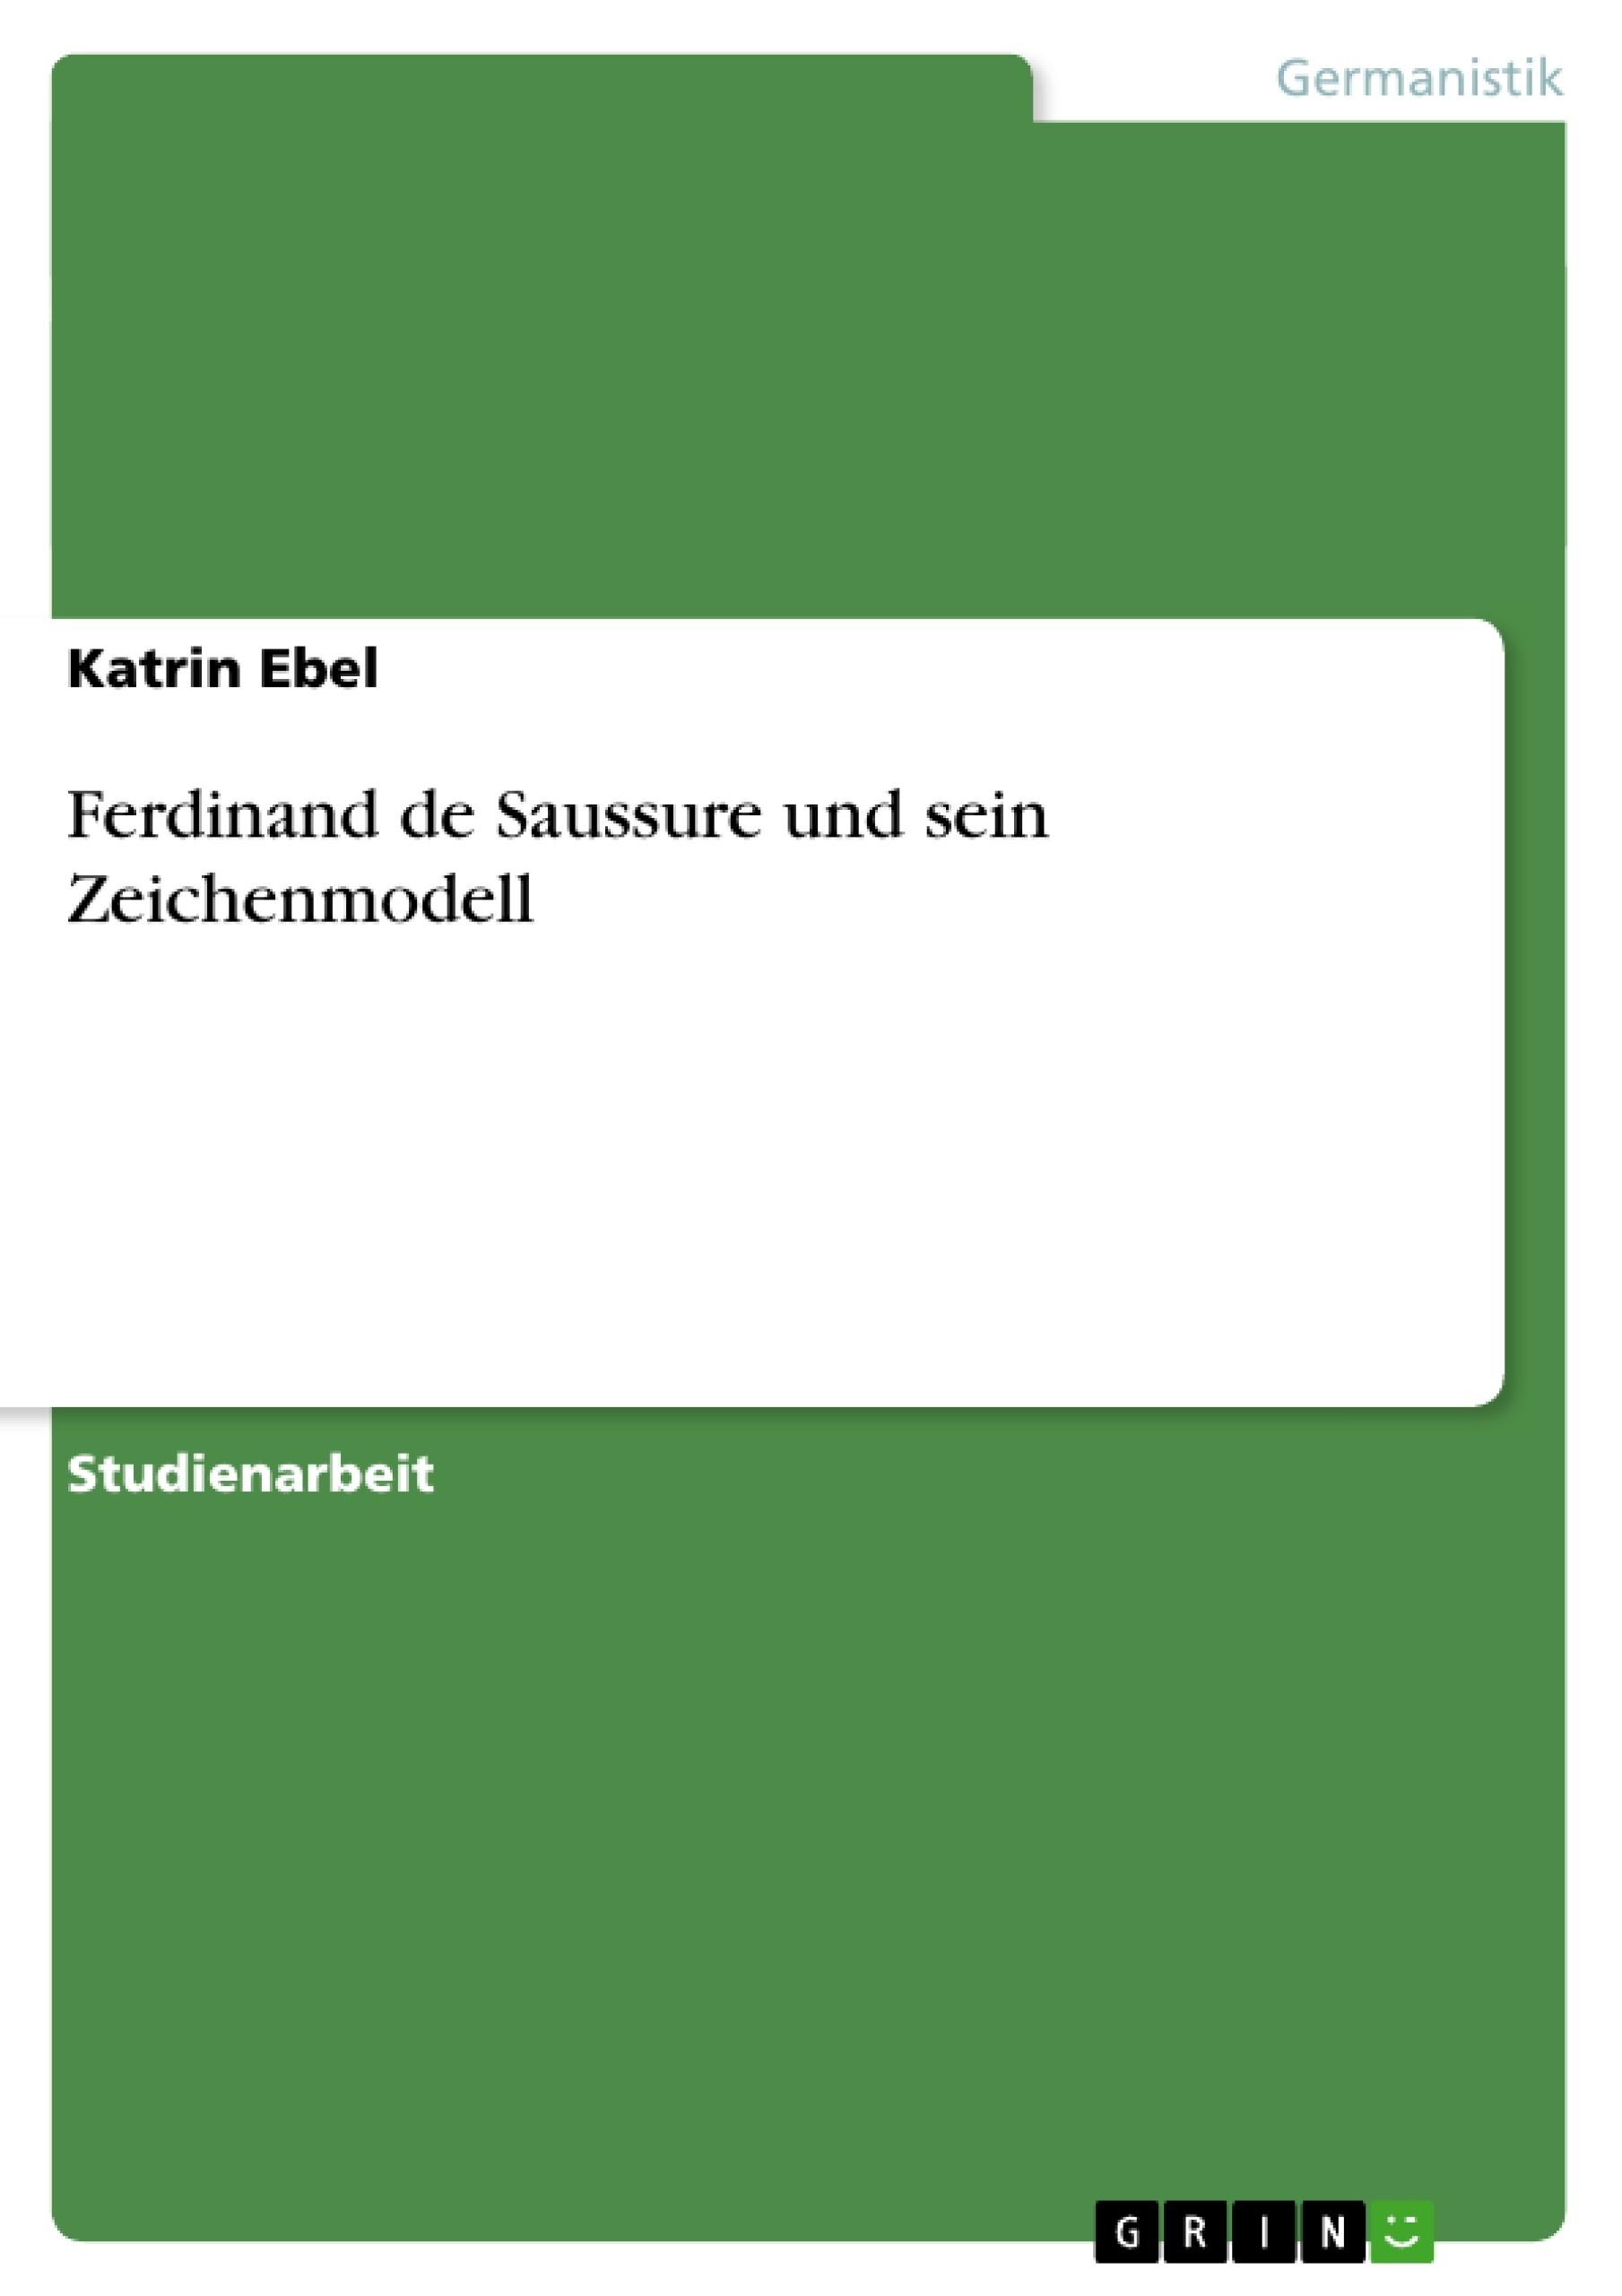 Titel: Ferdinand de Saussure und sein Zeichenmodell